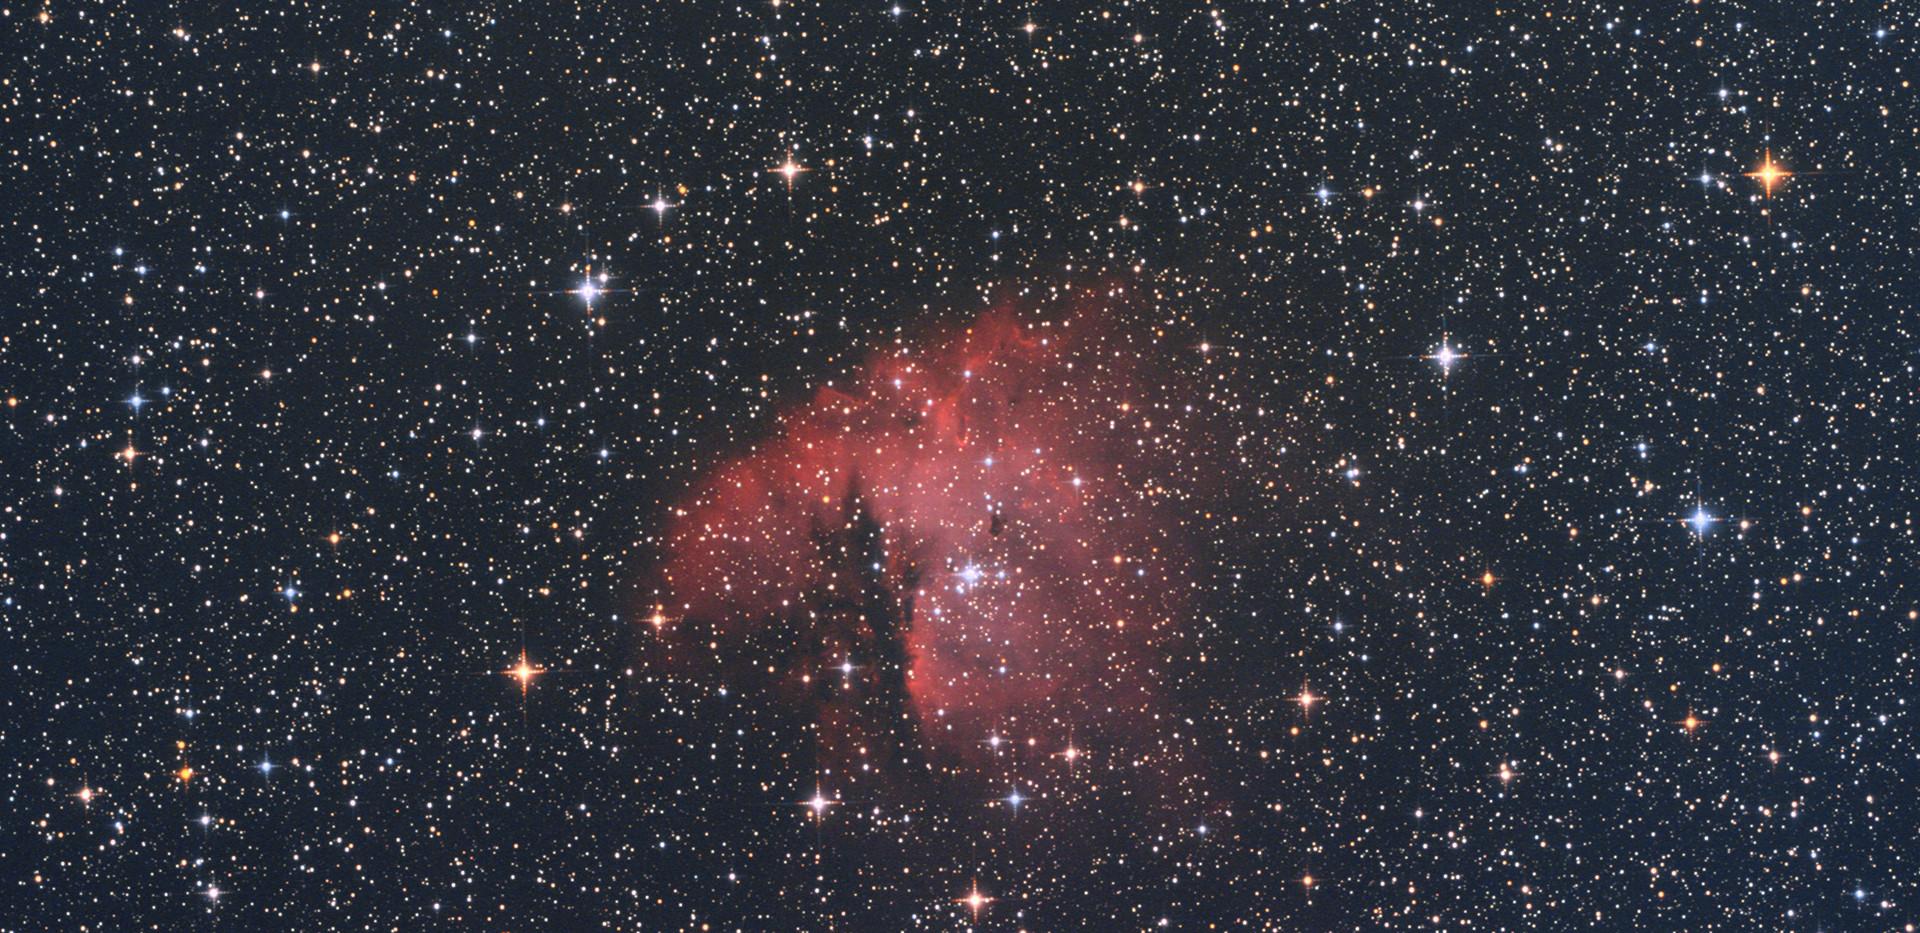 NGC281_CruxMINI_QHY247_7minX14.jpg